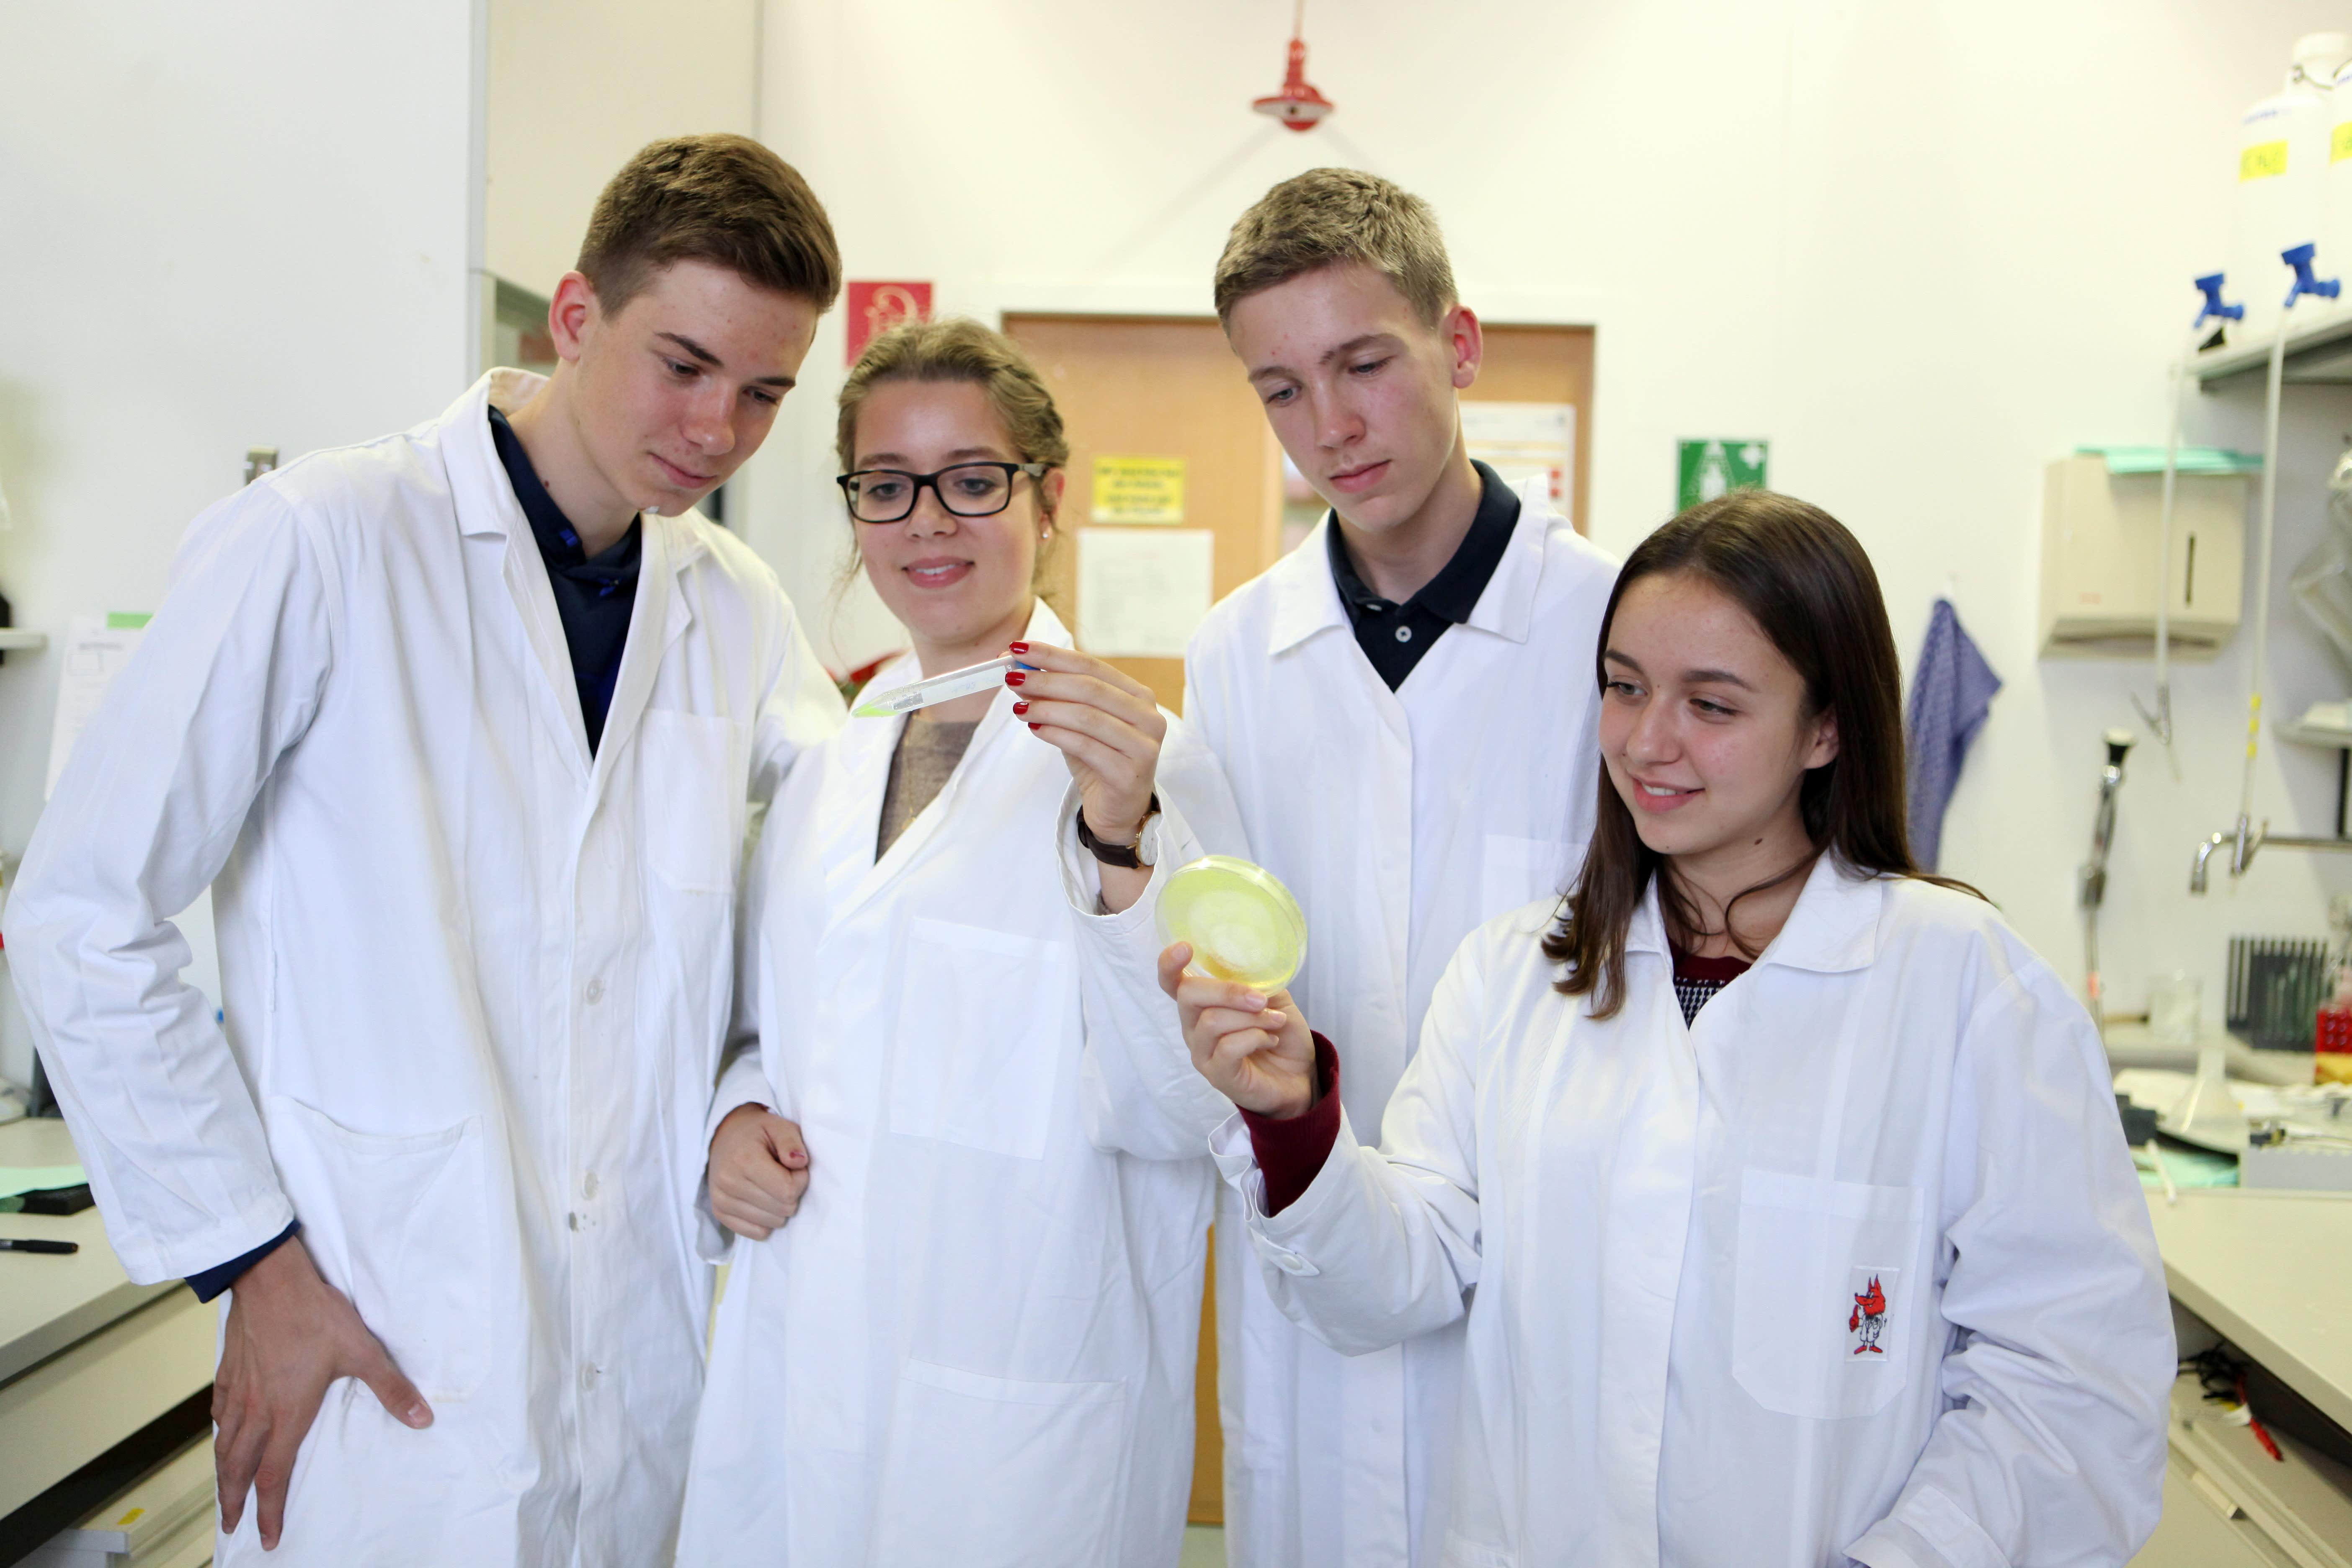 Erfinderlabor Biotech